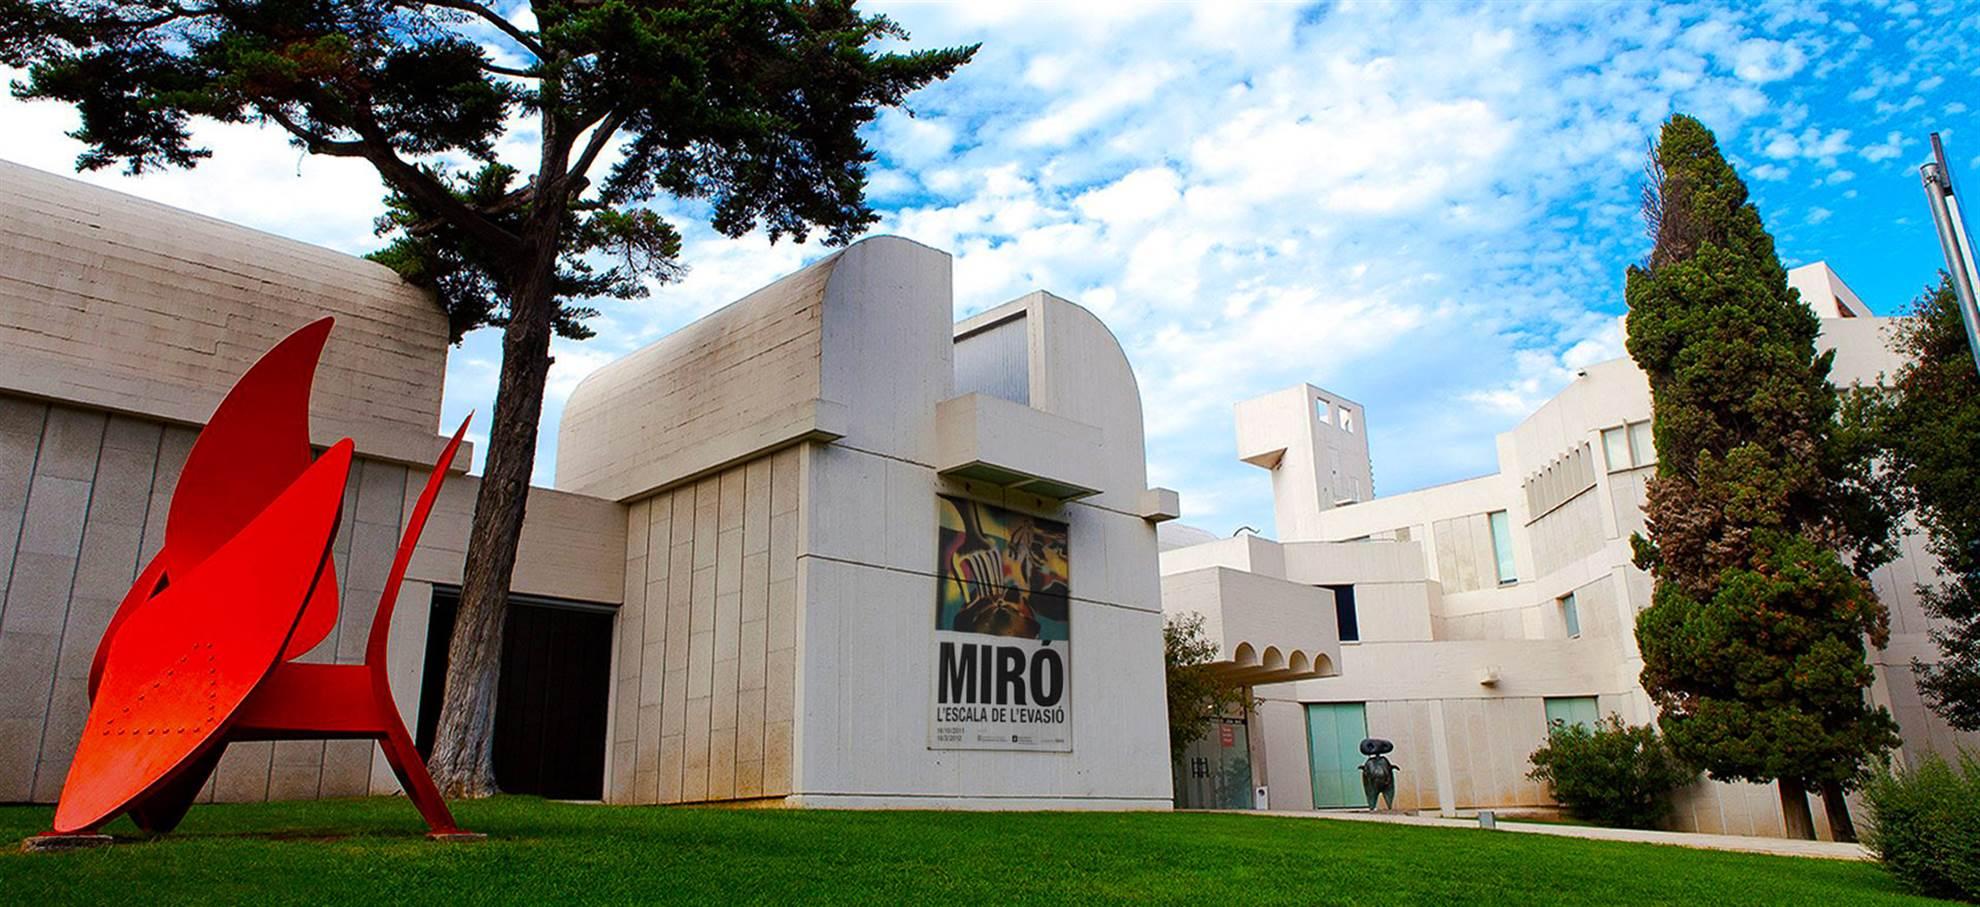 米罗博物馆